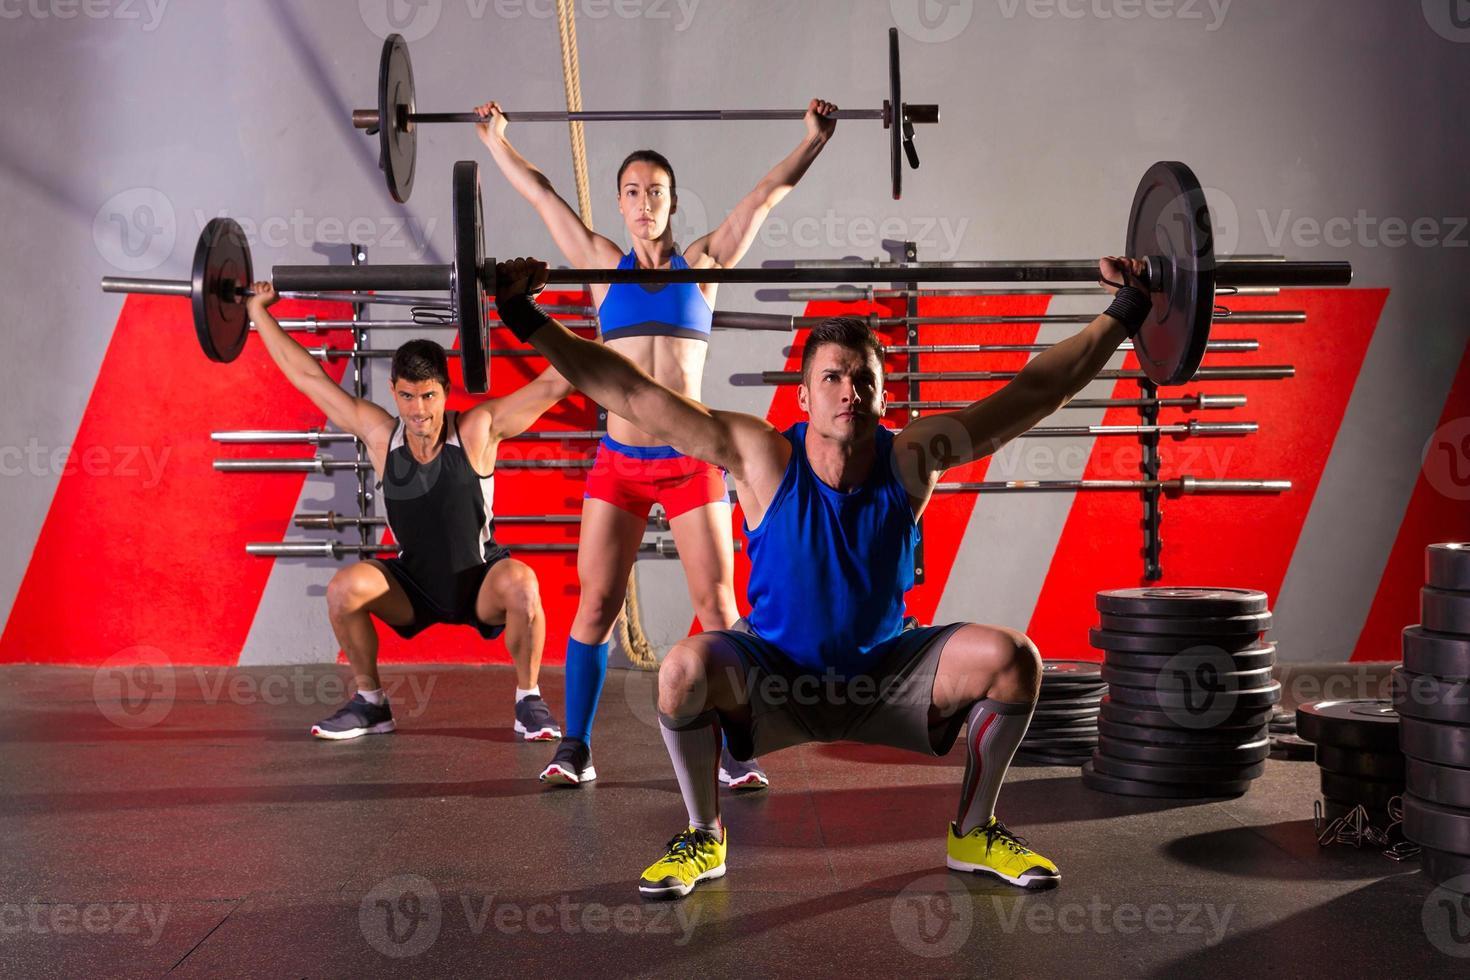 sollevamento pesi bilanciere gruppo allenamento esercizio palestra foto